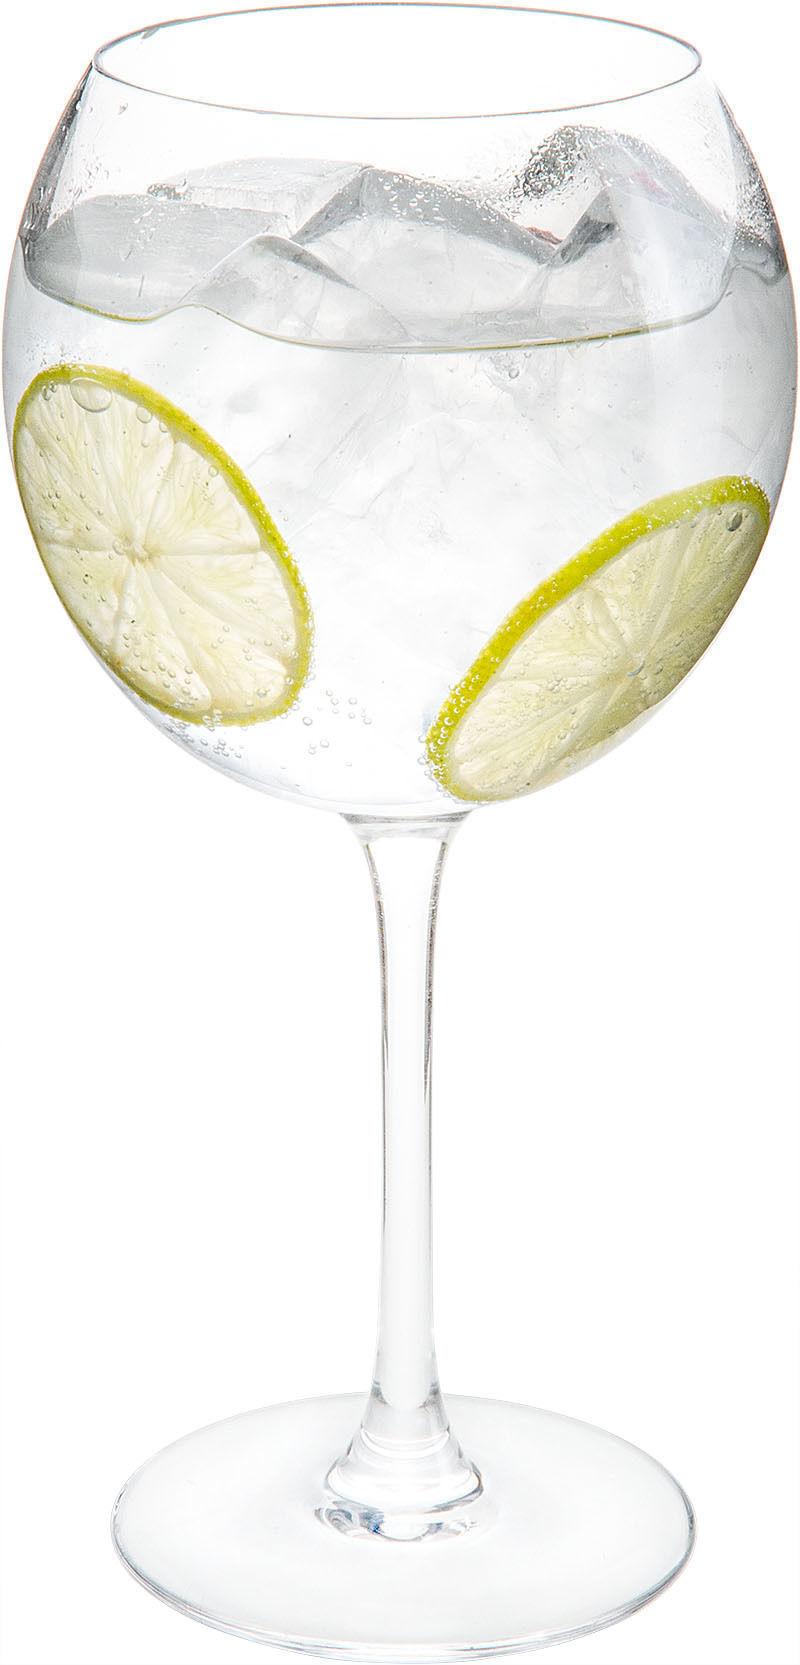 Martini bianco drink sprite